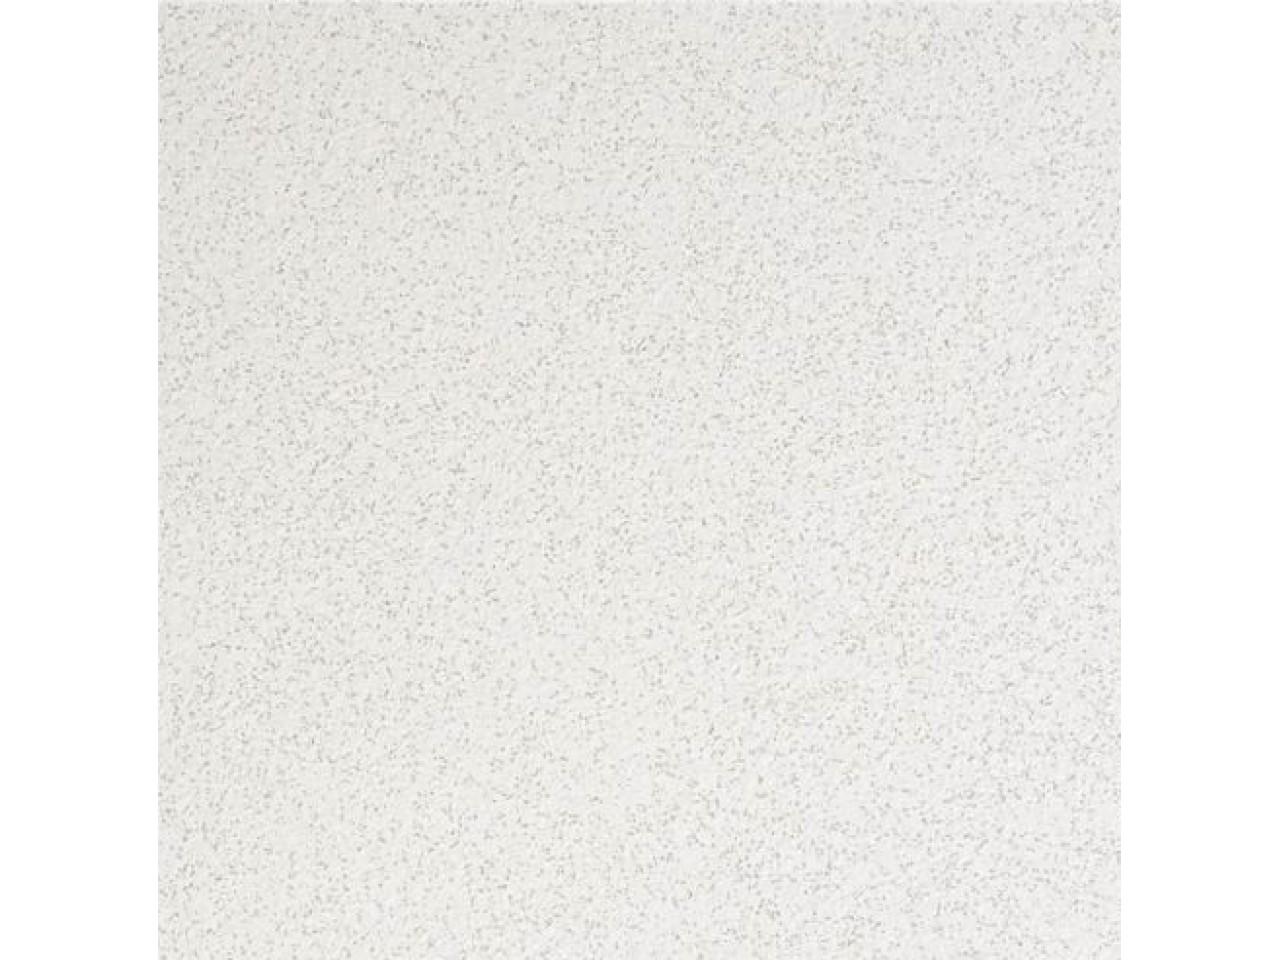 Плита потолочная Roskfon Lilia 600x600x12 мм